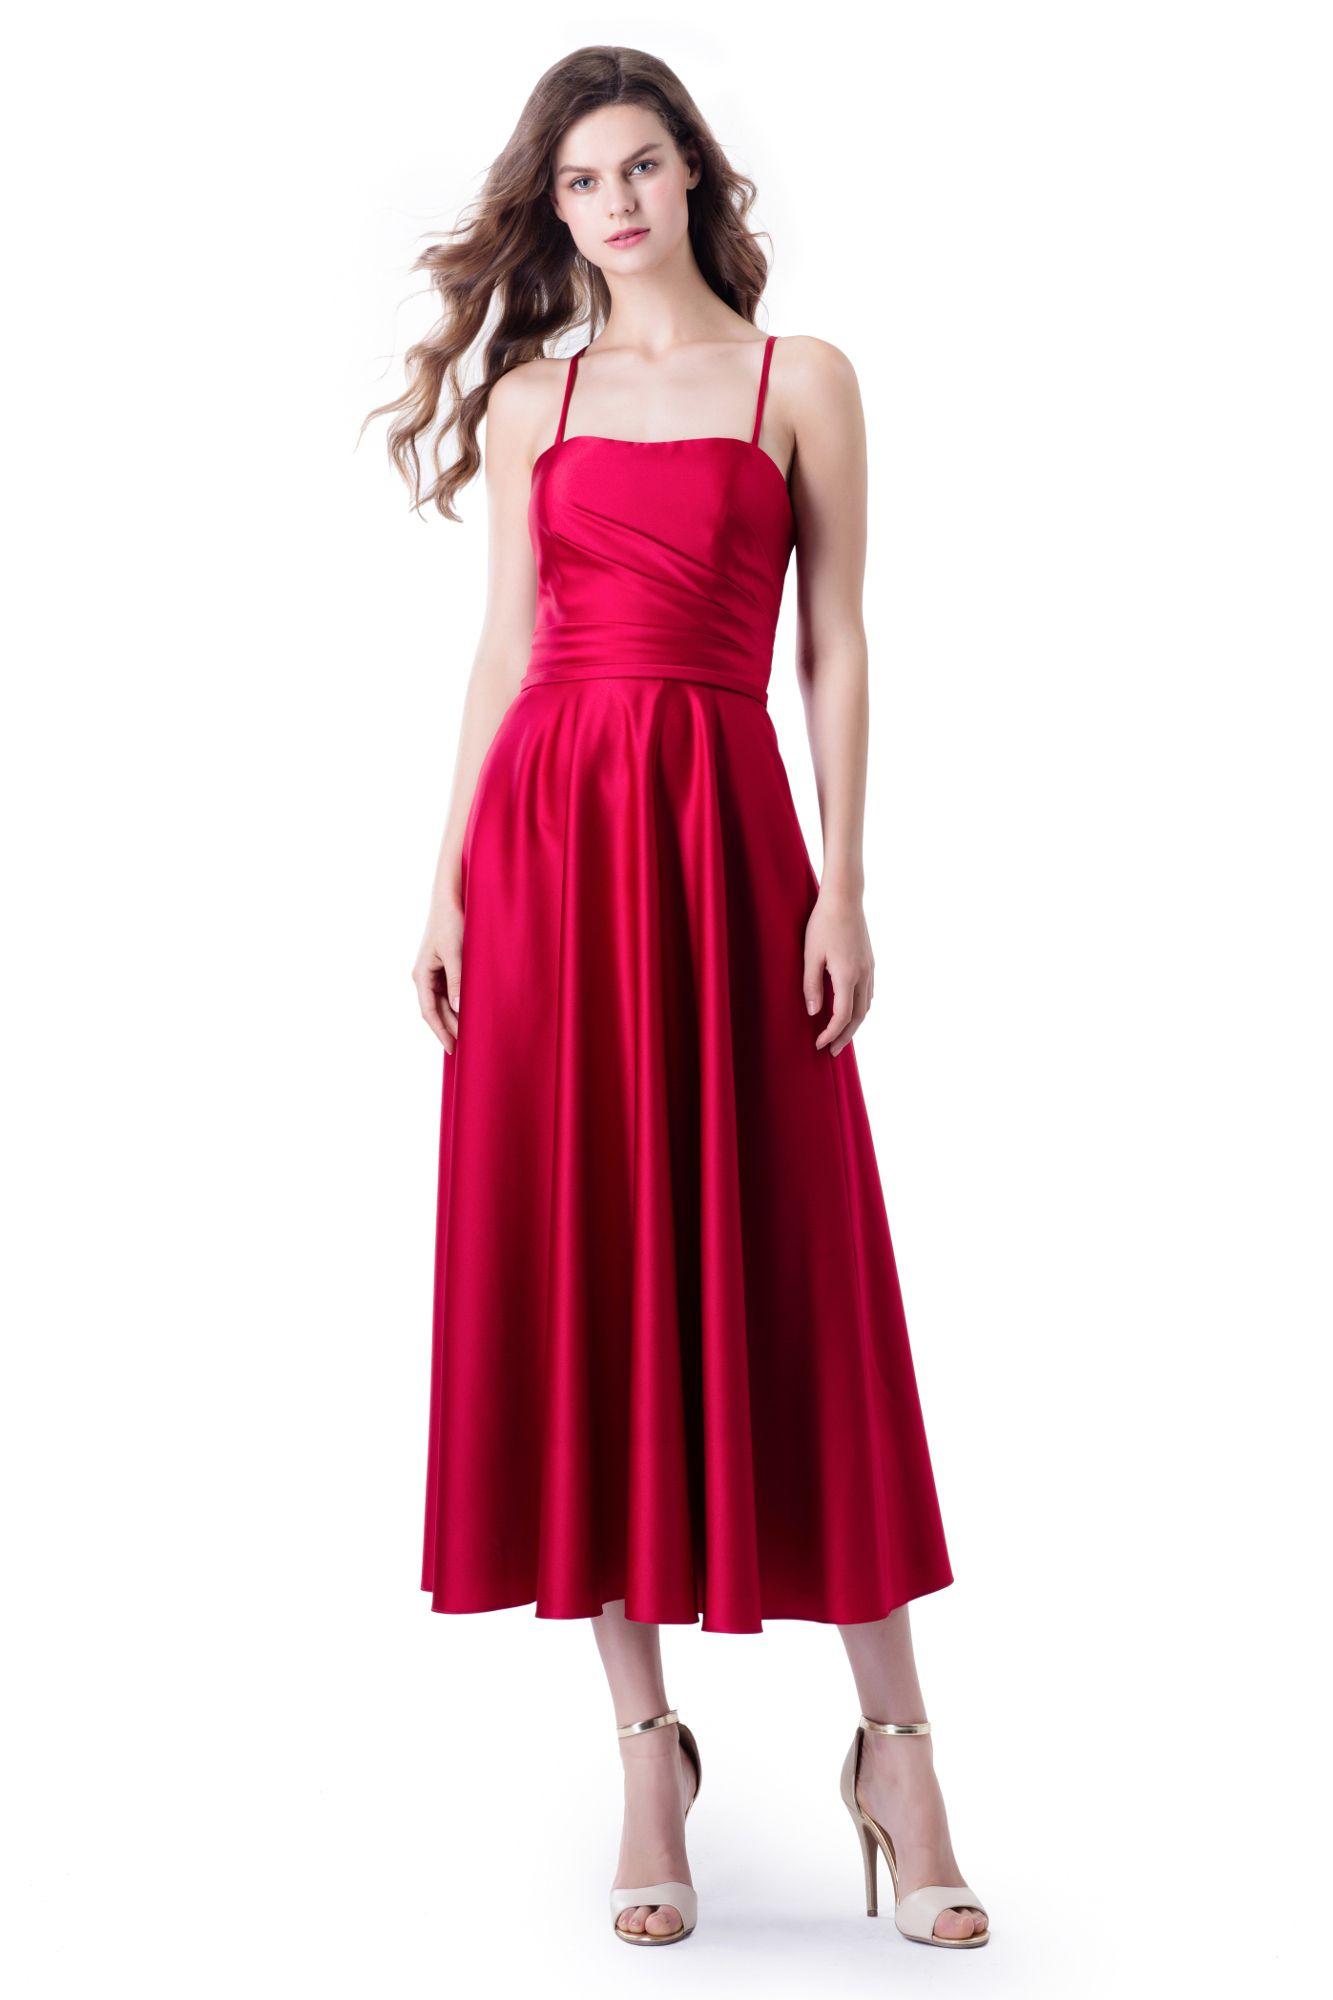 Rotes Abendkleid in 21/21 länge aus feinem Satin. Schlicht und